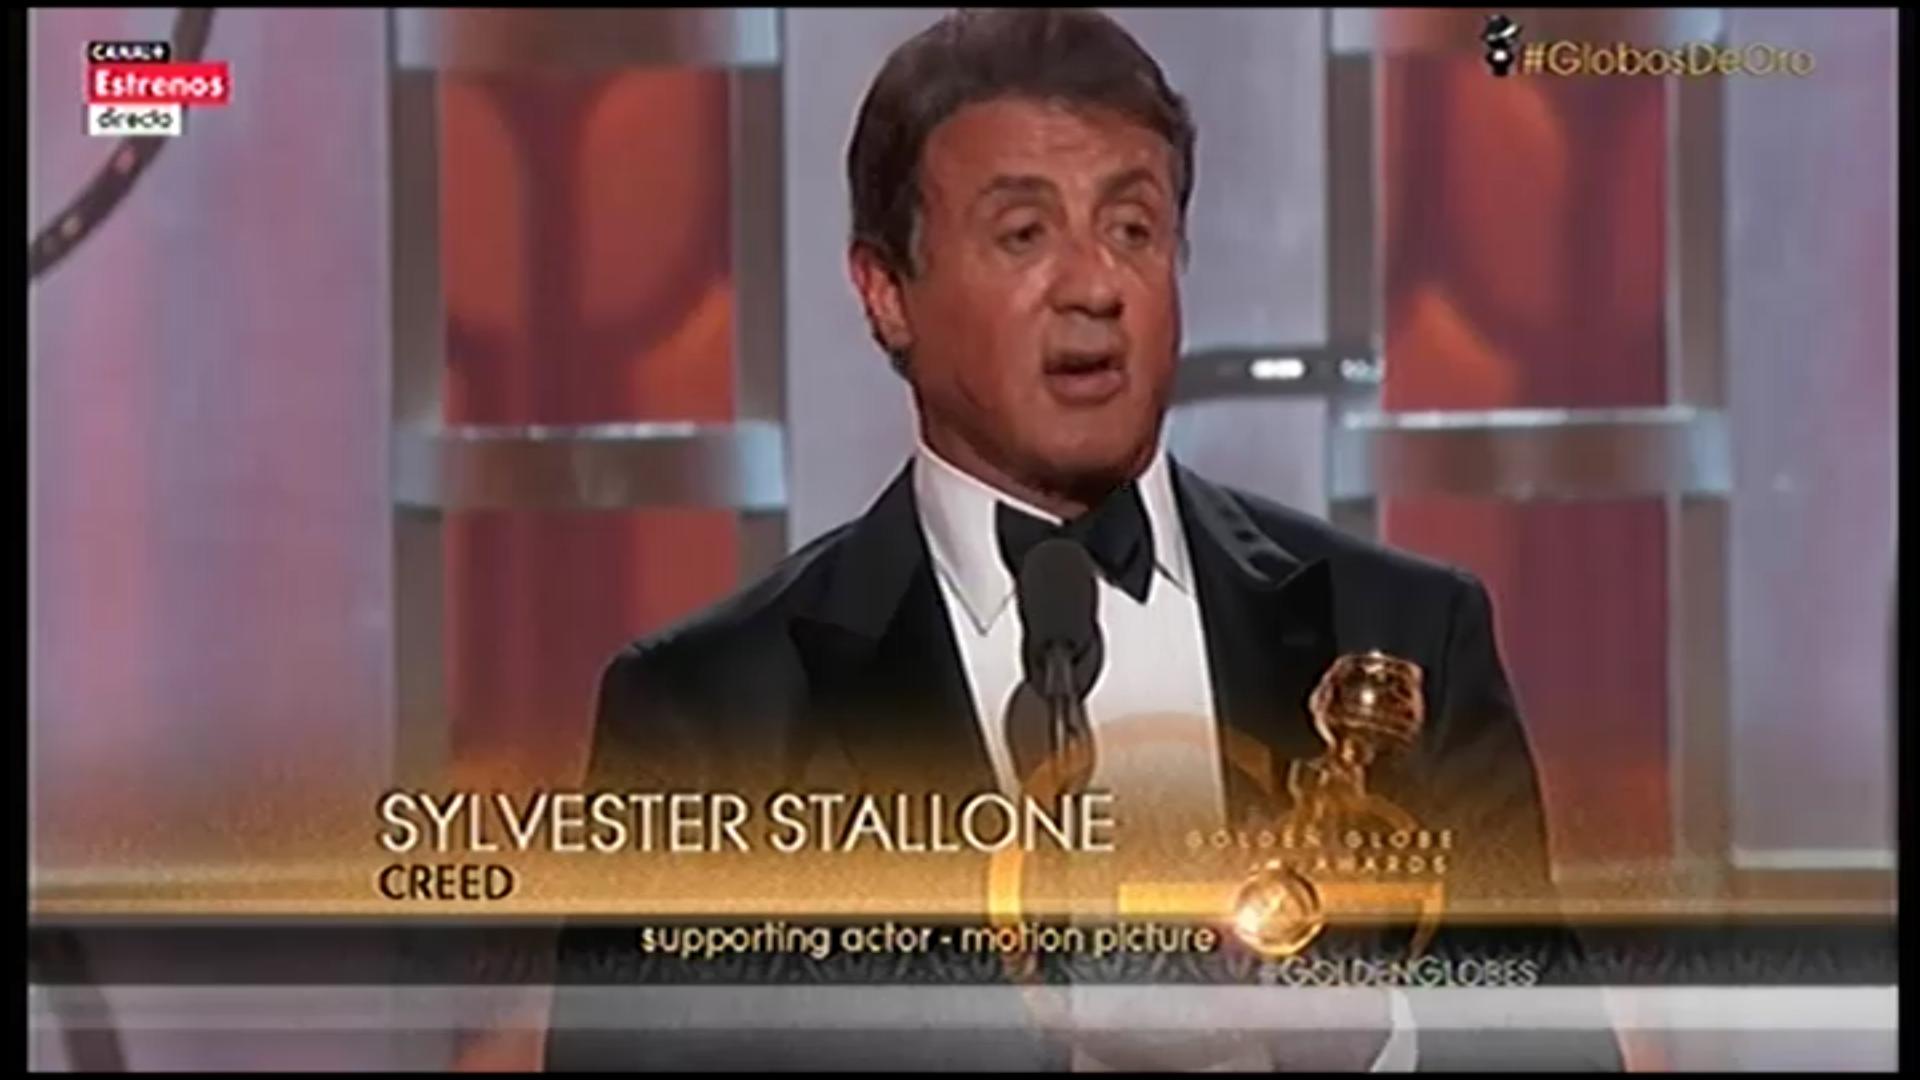 Un emocionado Sylvester Stallone recogiendo por fin, su Globo de Oro